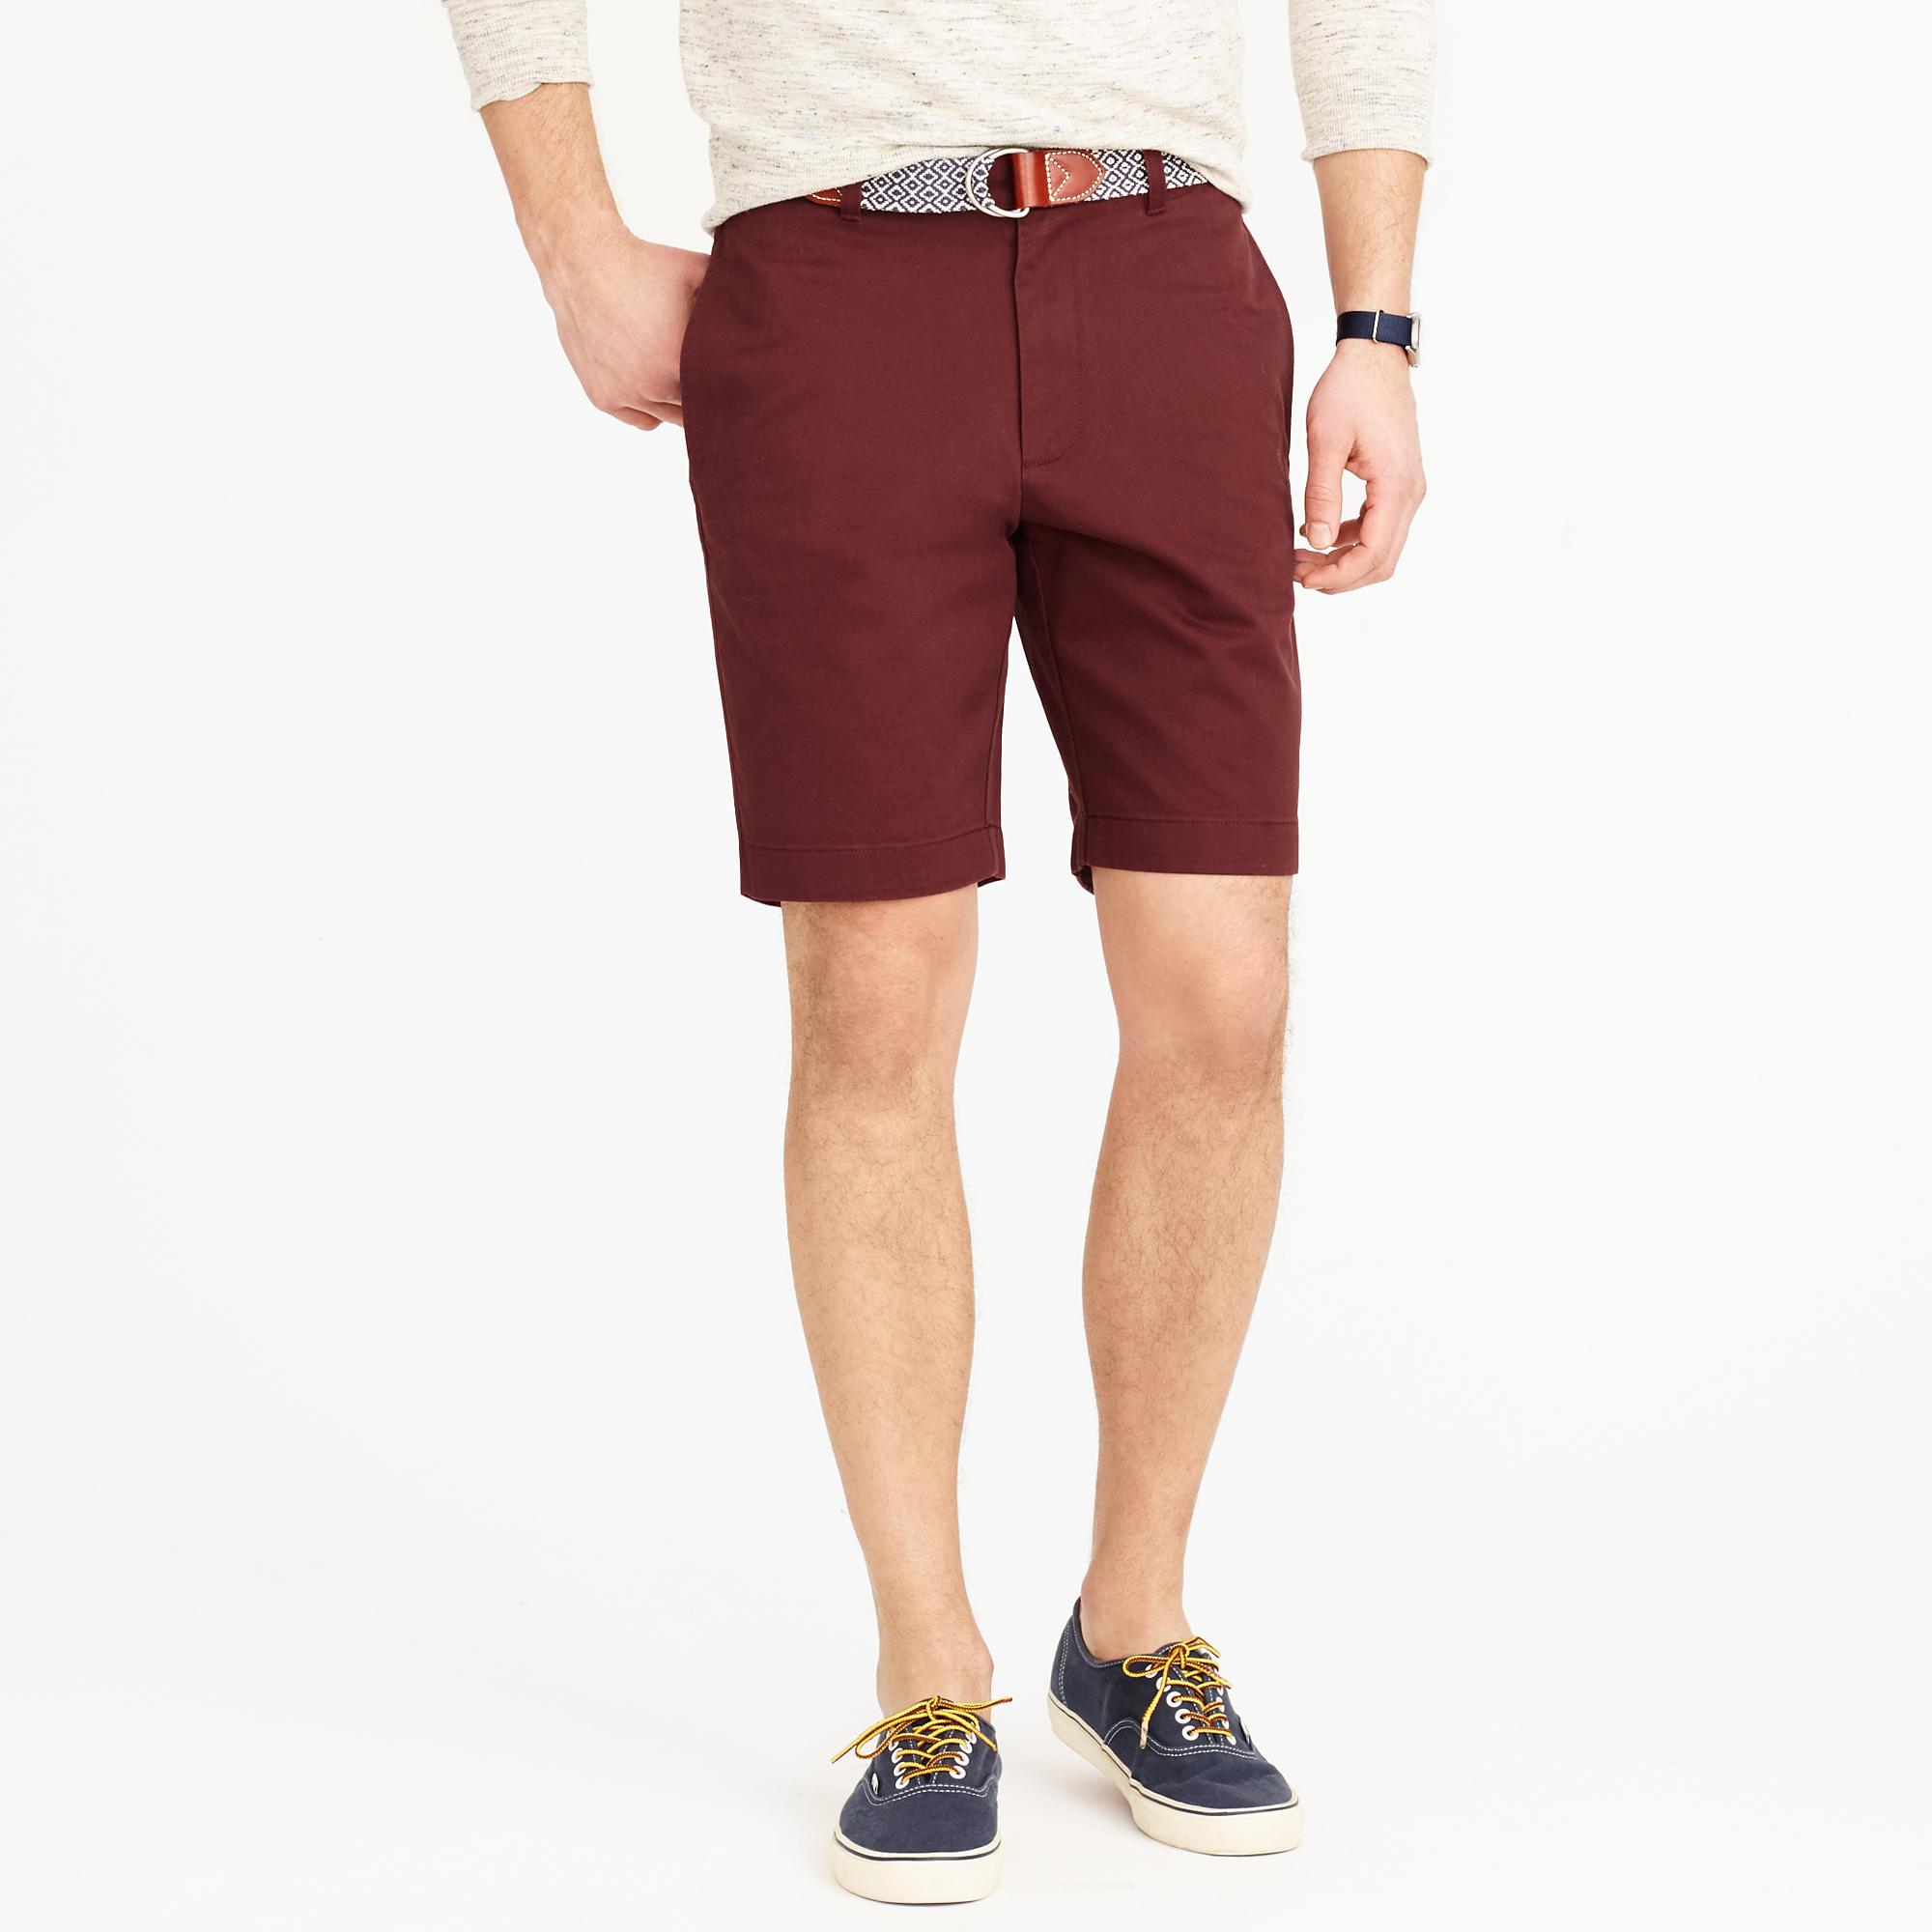 Navy Chino Shorts Mens